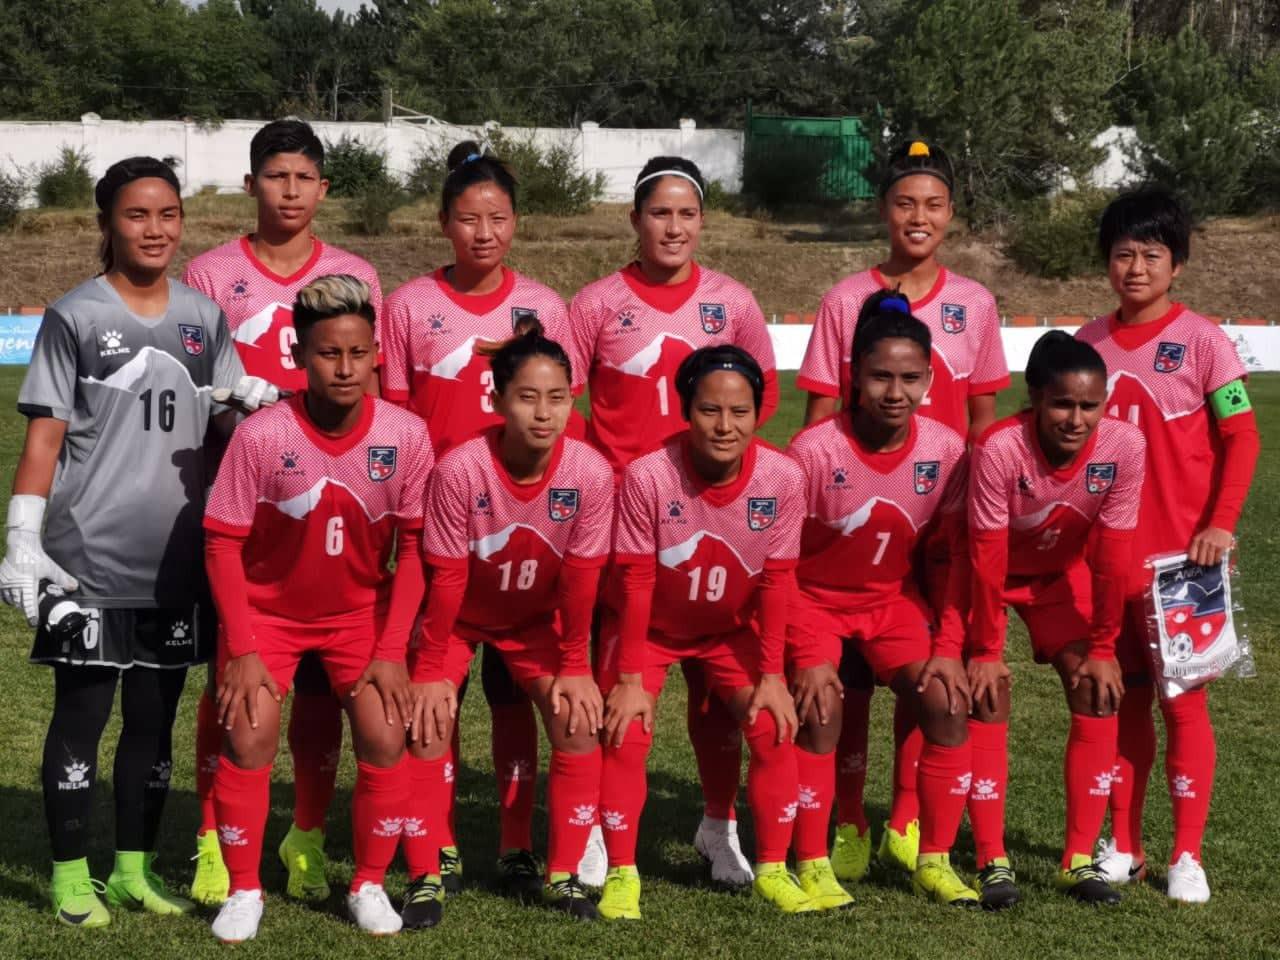 साग अपडेटः महिला फुटबलमा नेपालको जित